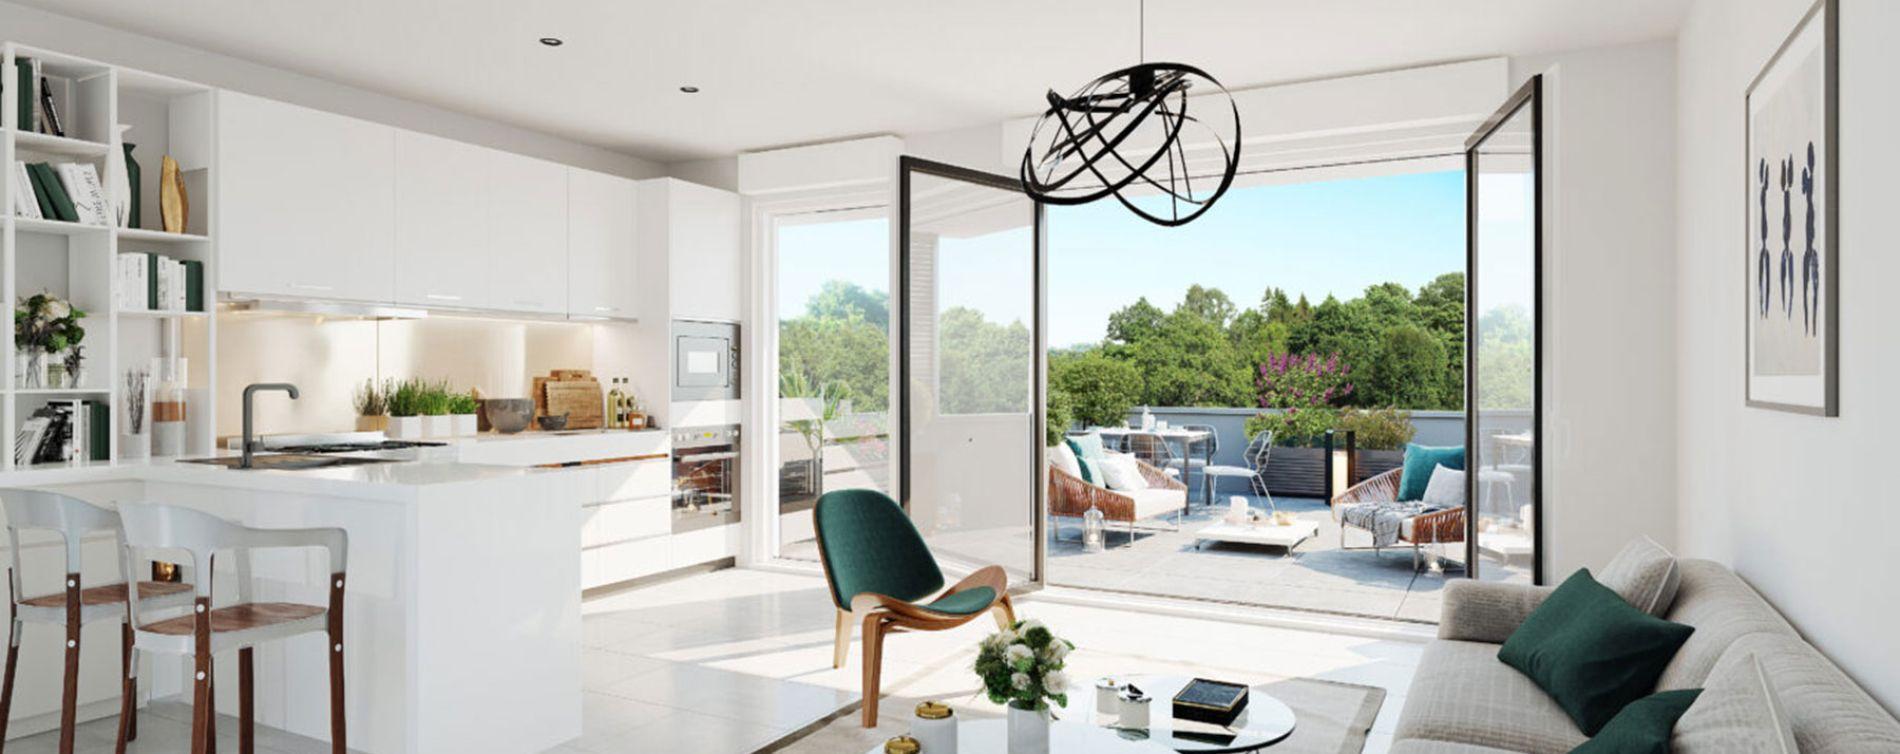 Castelnau-le-Lez : programme immobilier neuve « Programme immobilier n°217505 » en Loi Pinel (4)